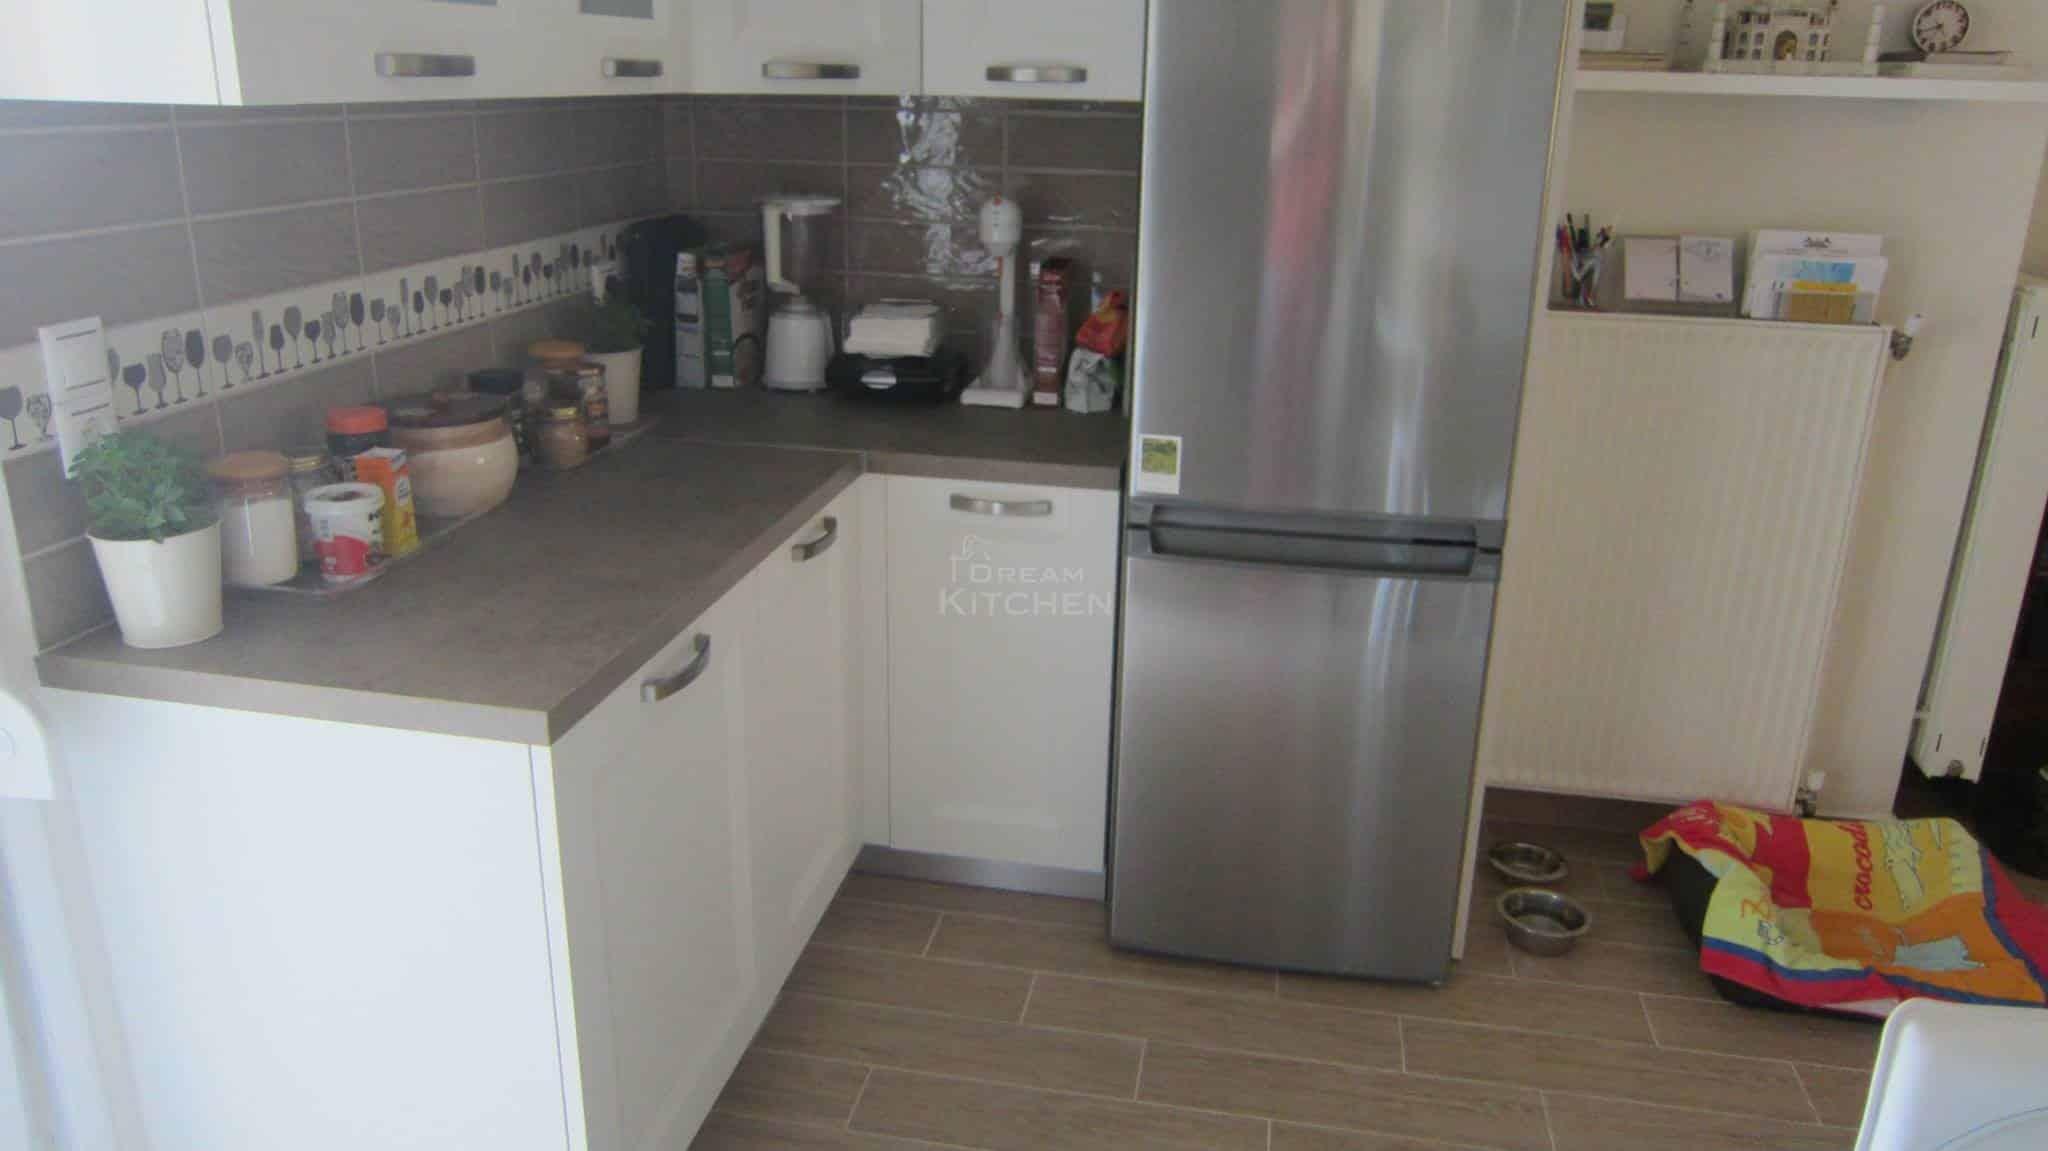 Κουζινα Πολυμερικο σε λευκο χρωματισμο 12